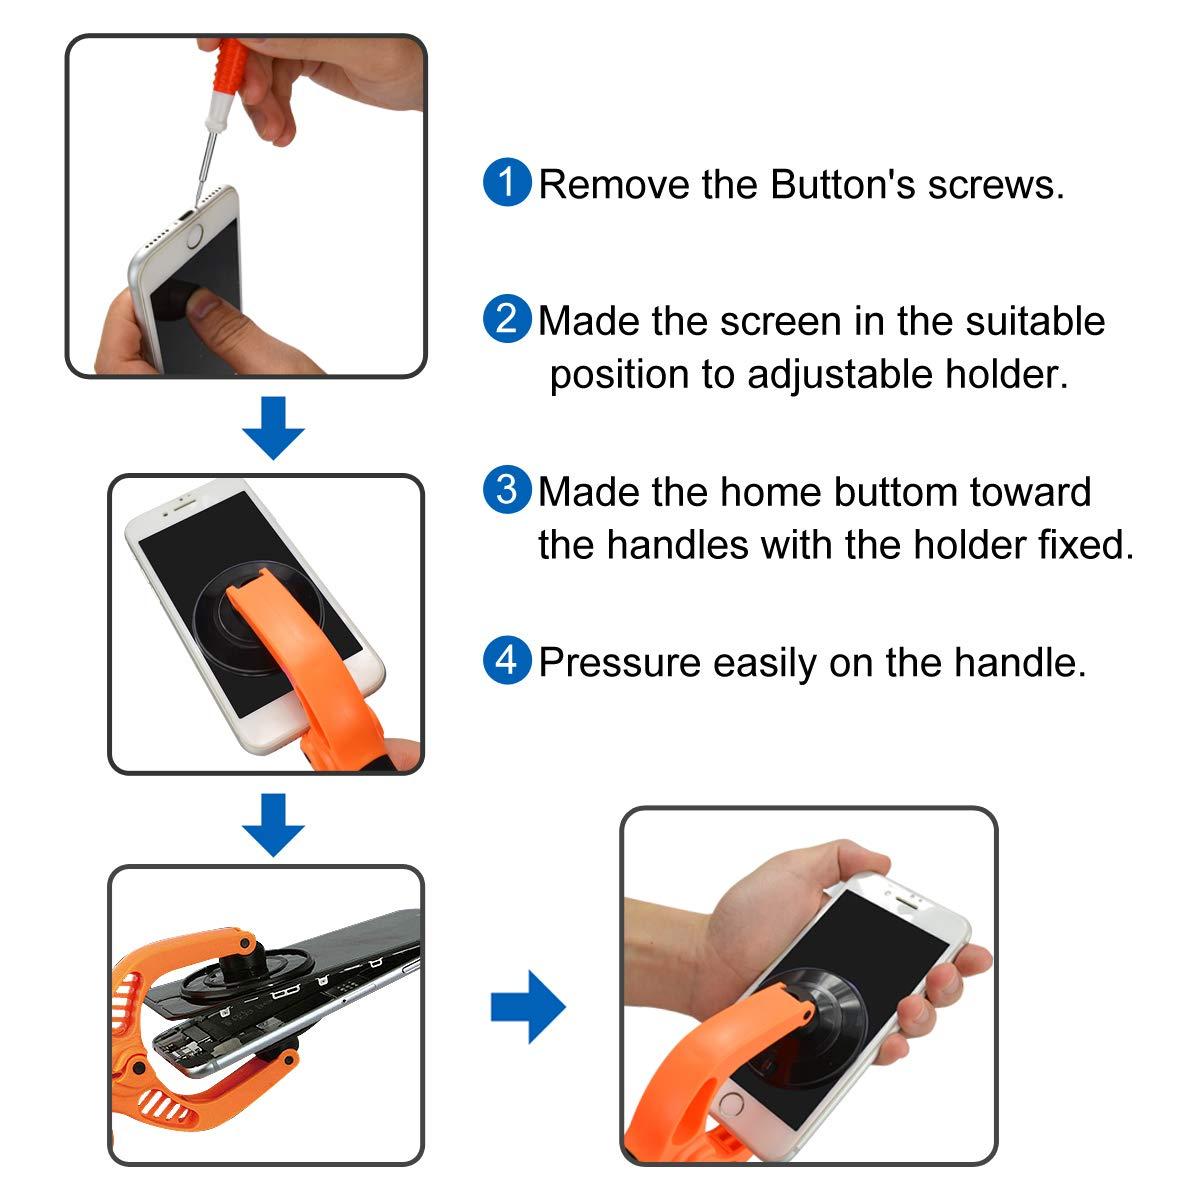 LCD apertura alicates, beonfu pantalla LCD de apertura alicates herramientas de reparación de teléfono celular con Super fuerte ventosa plataforma para iPad ...